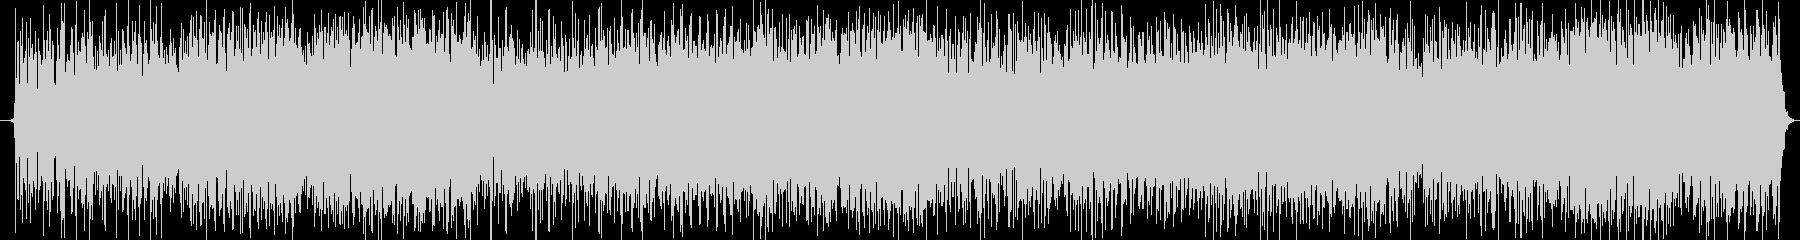 アラート音_01(シンセ音)の未再生の波形